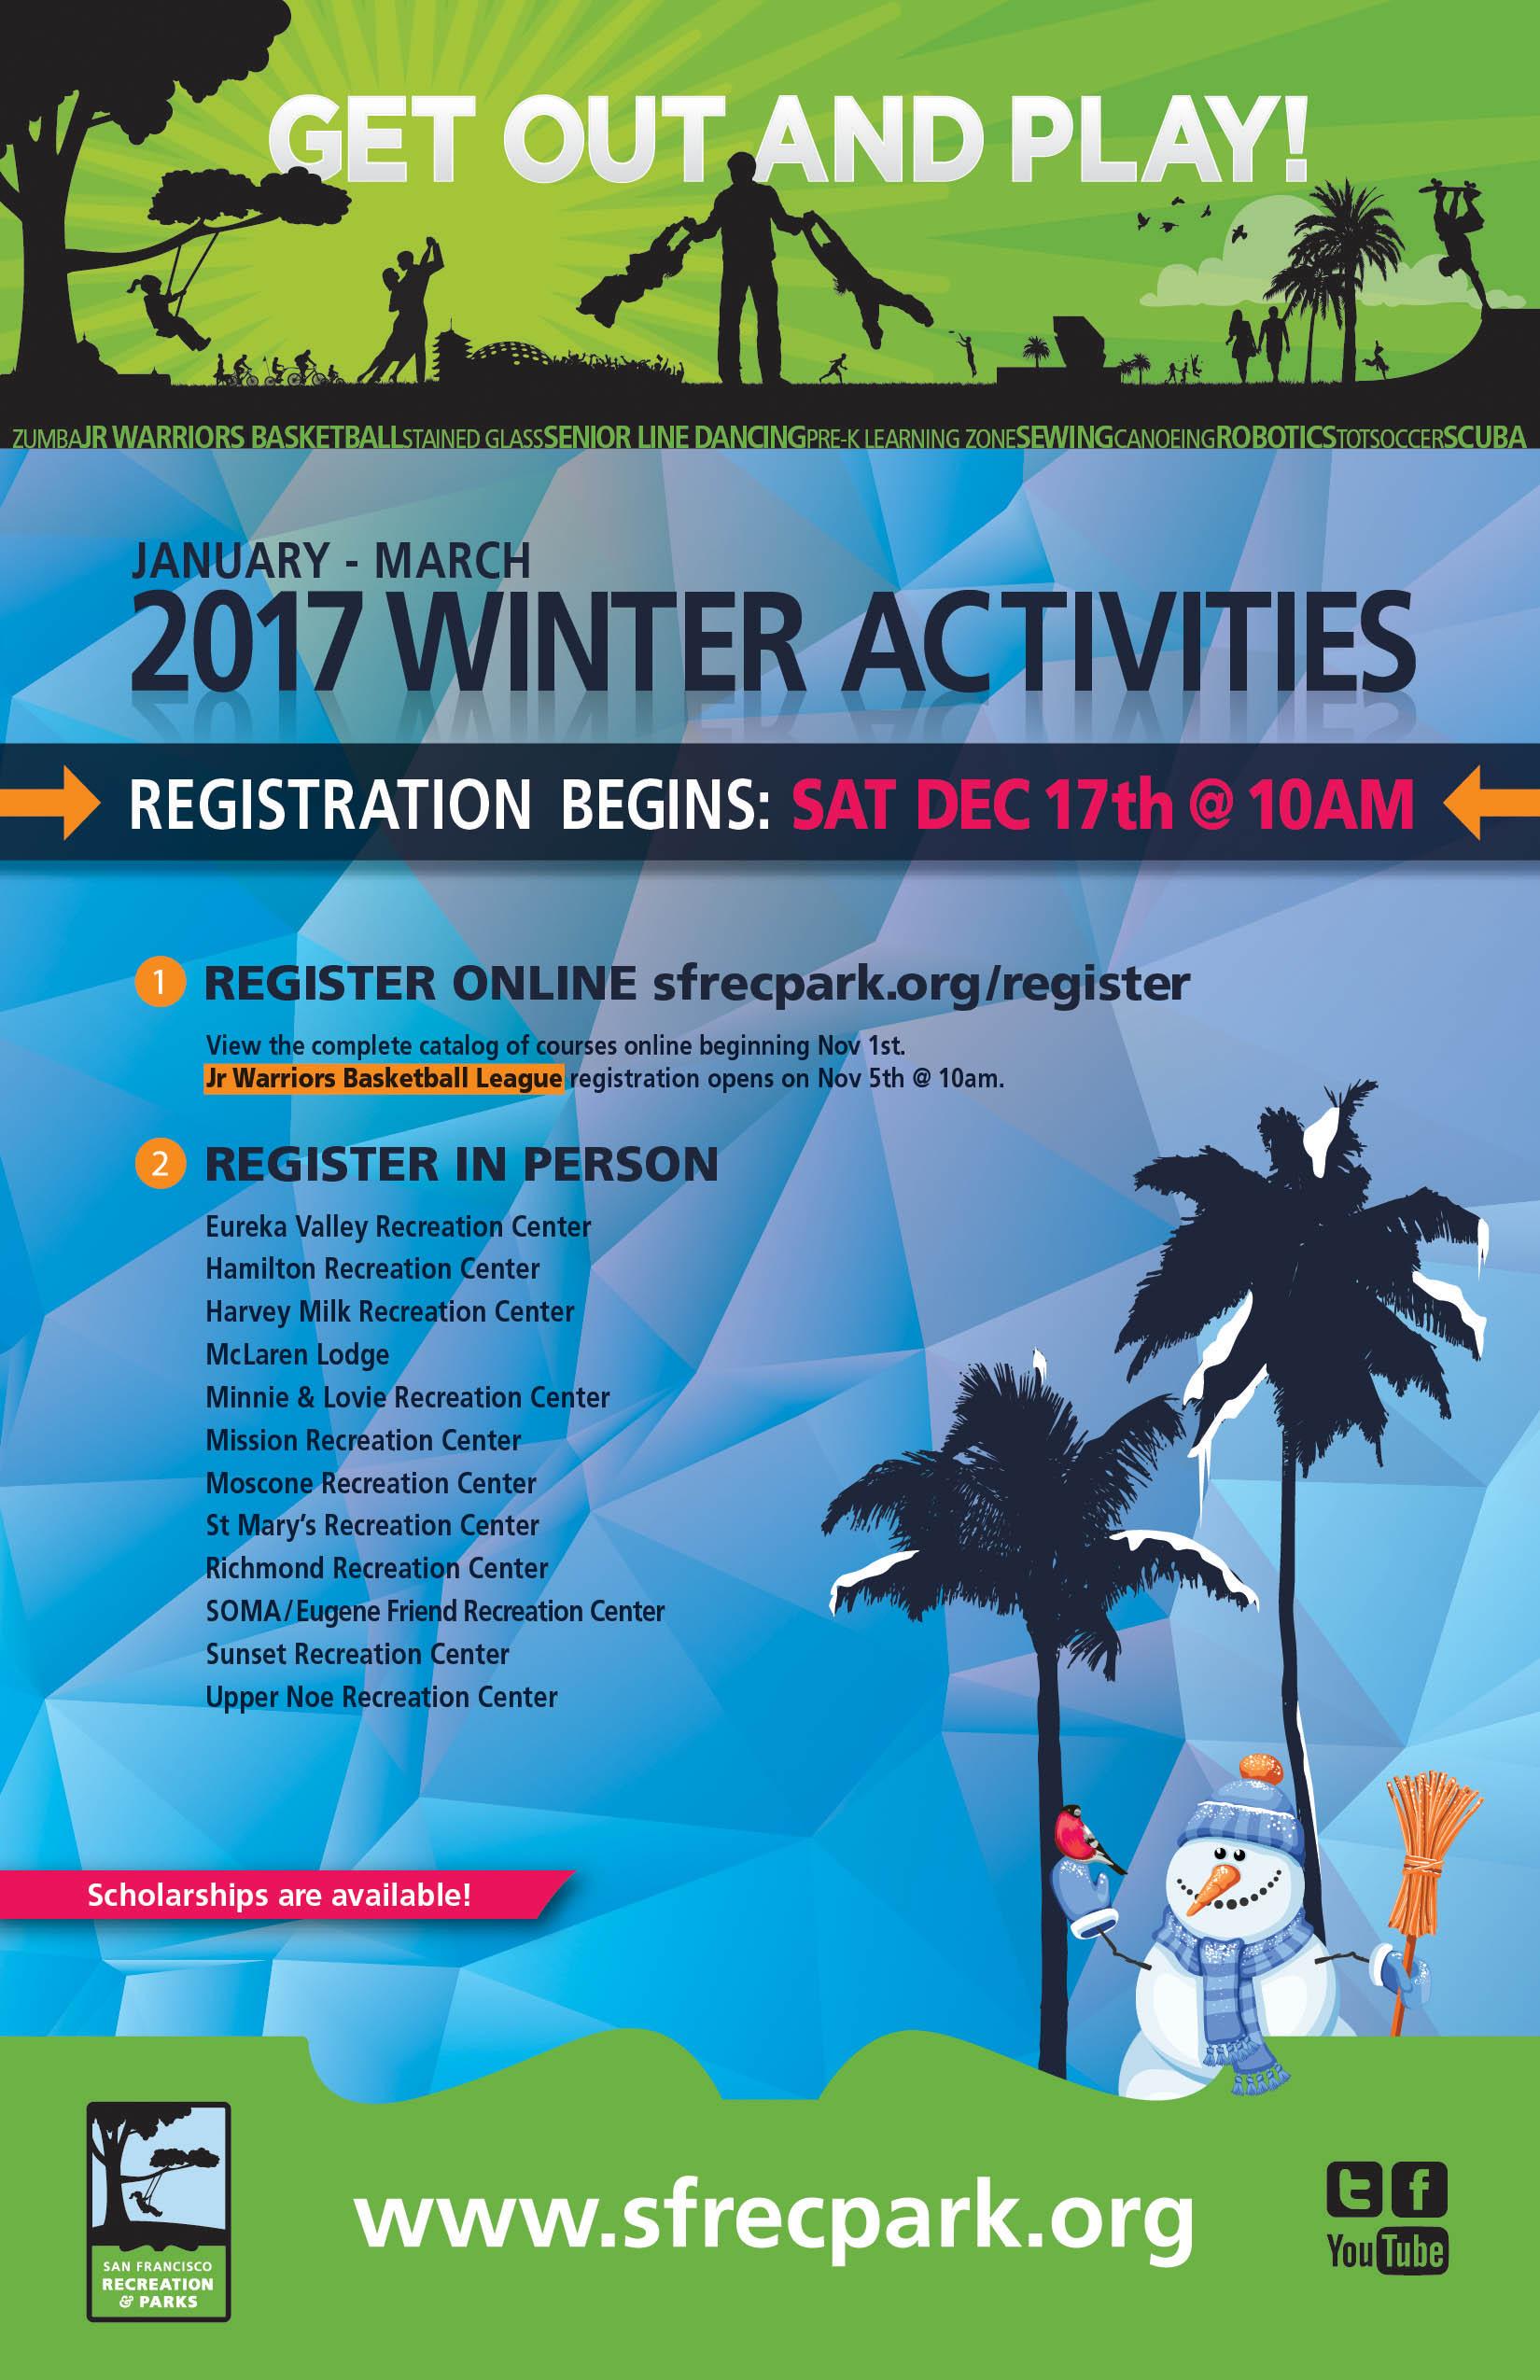 WINTER2016-17_ACTIVITIES_11x17_v2.jpg